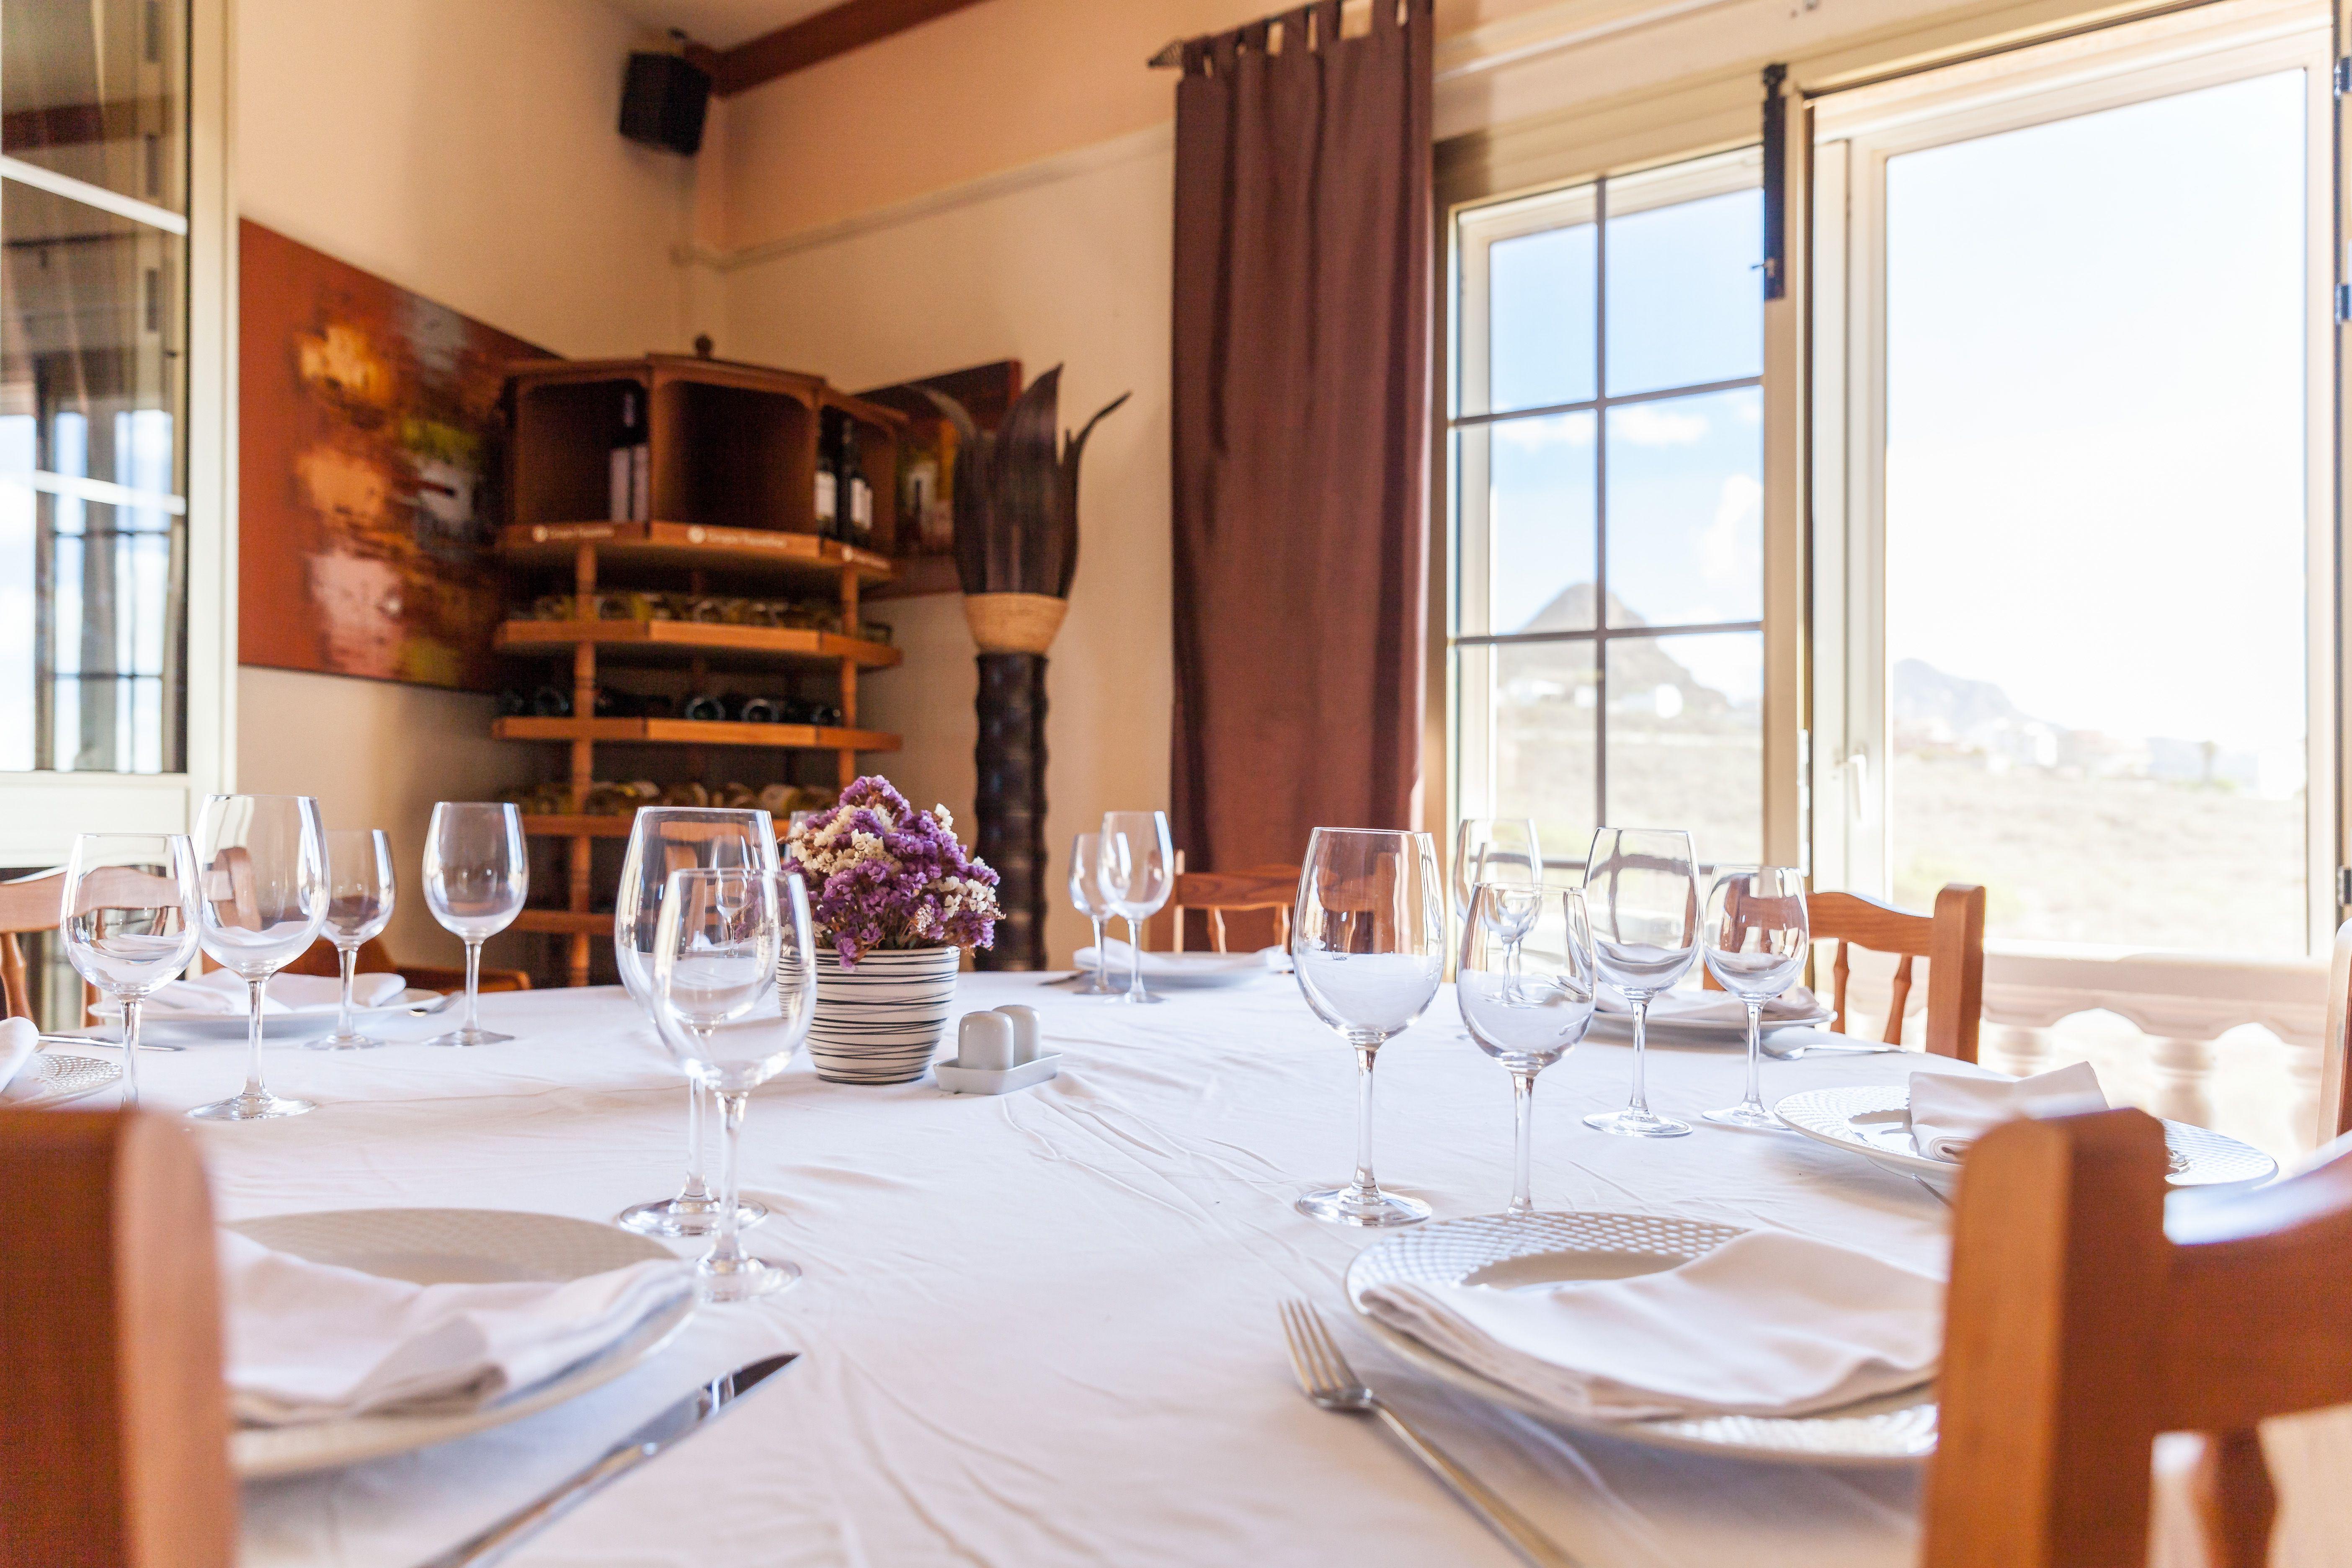 Foto 12 de Especialidad en carnes y pescados en La Camella | Verna's Restaurante